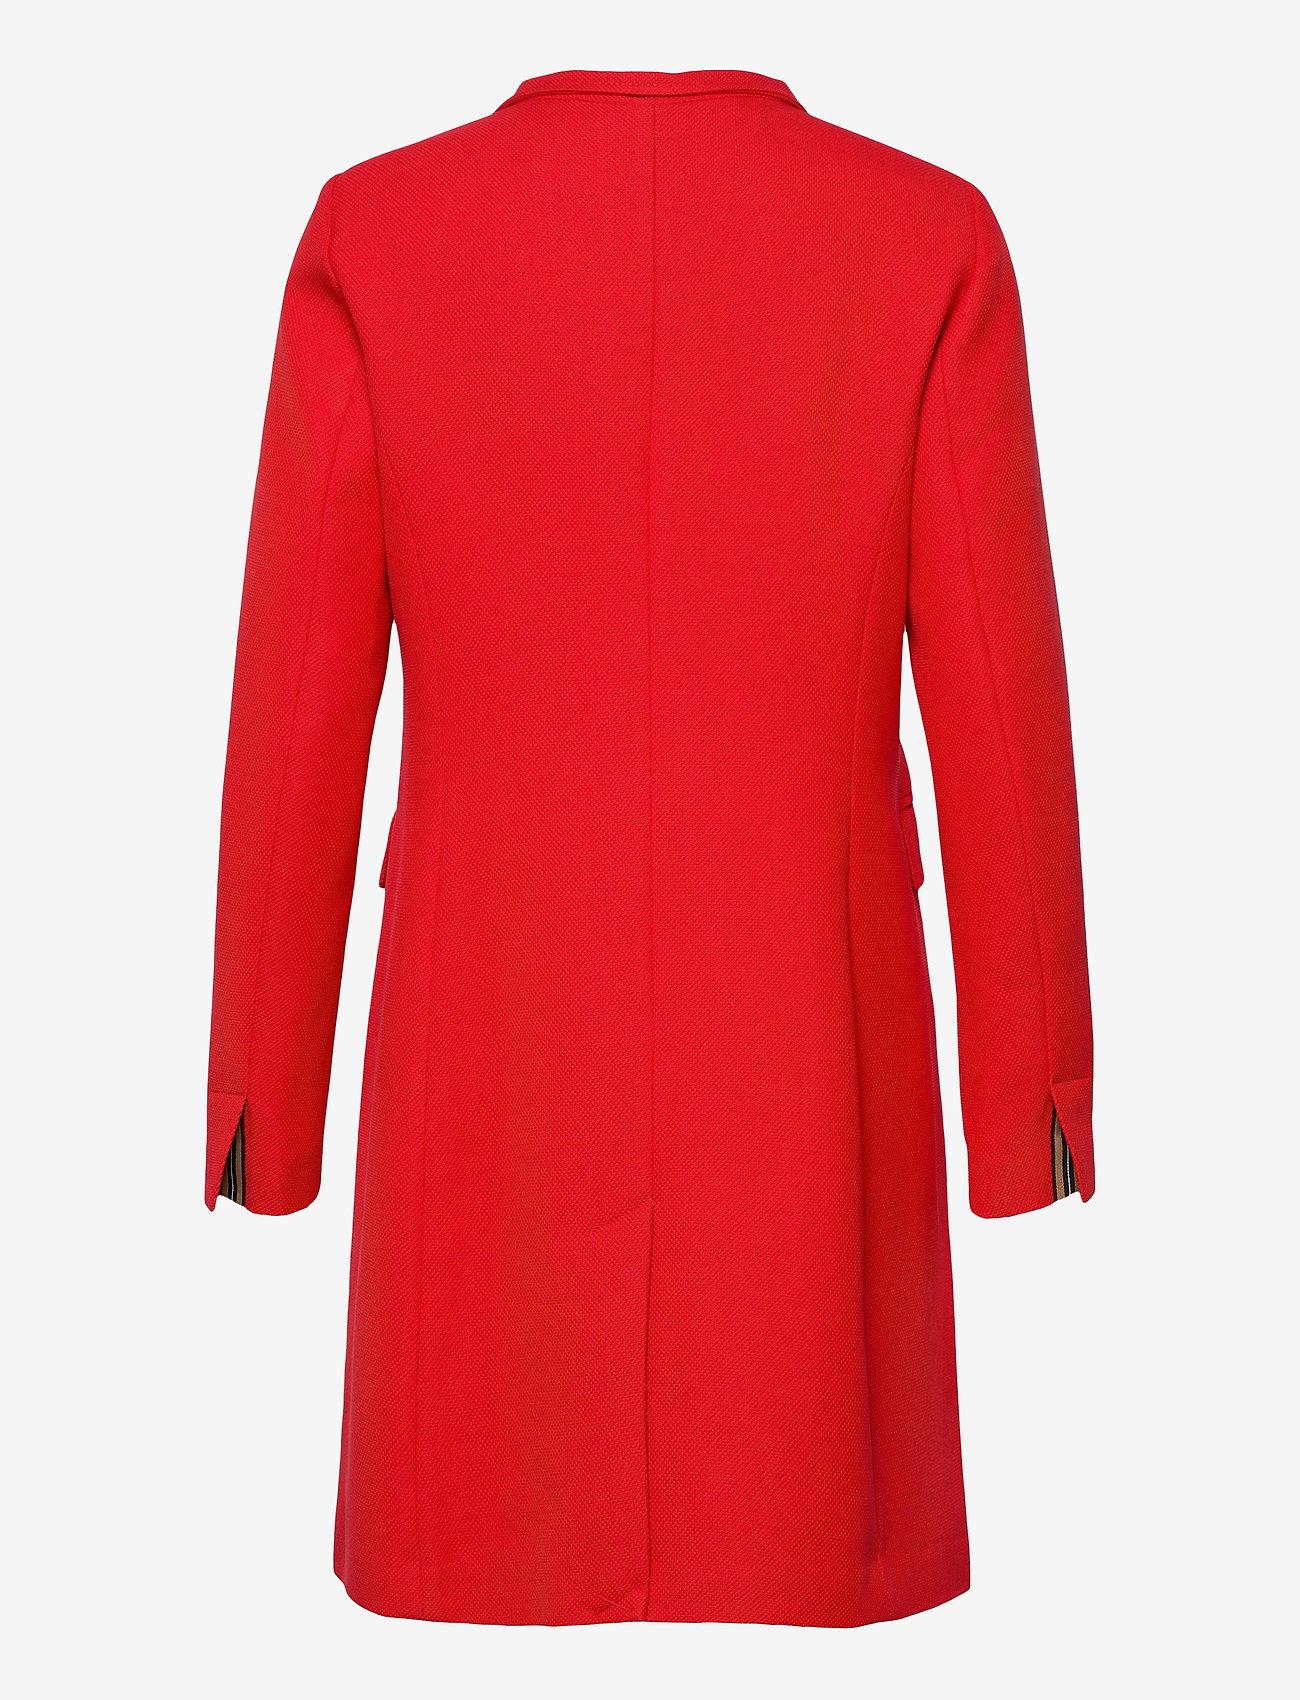 Esprit Casual - Coats woven - manteaux legères - red - 1